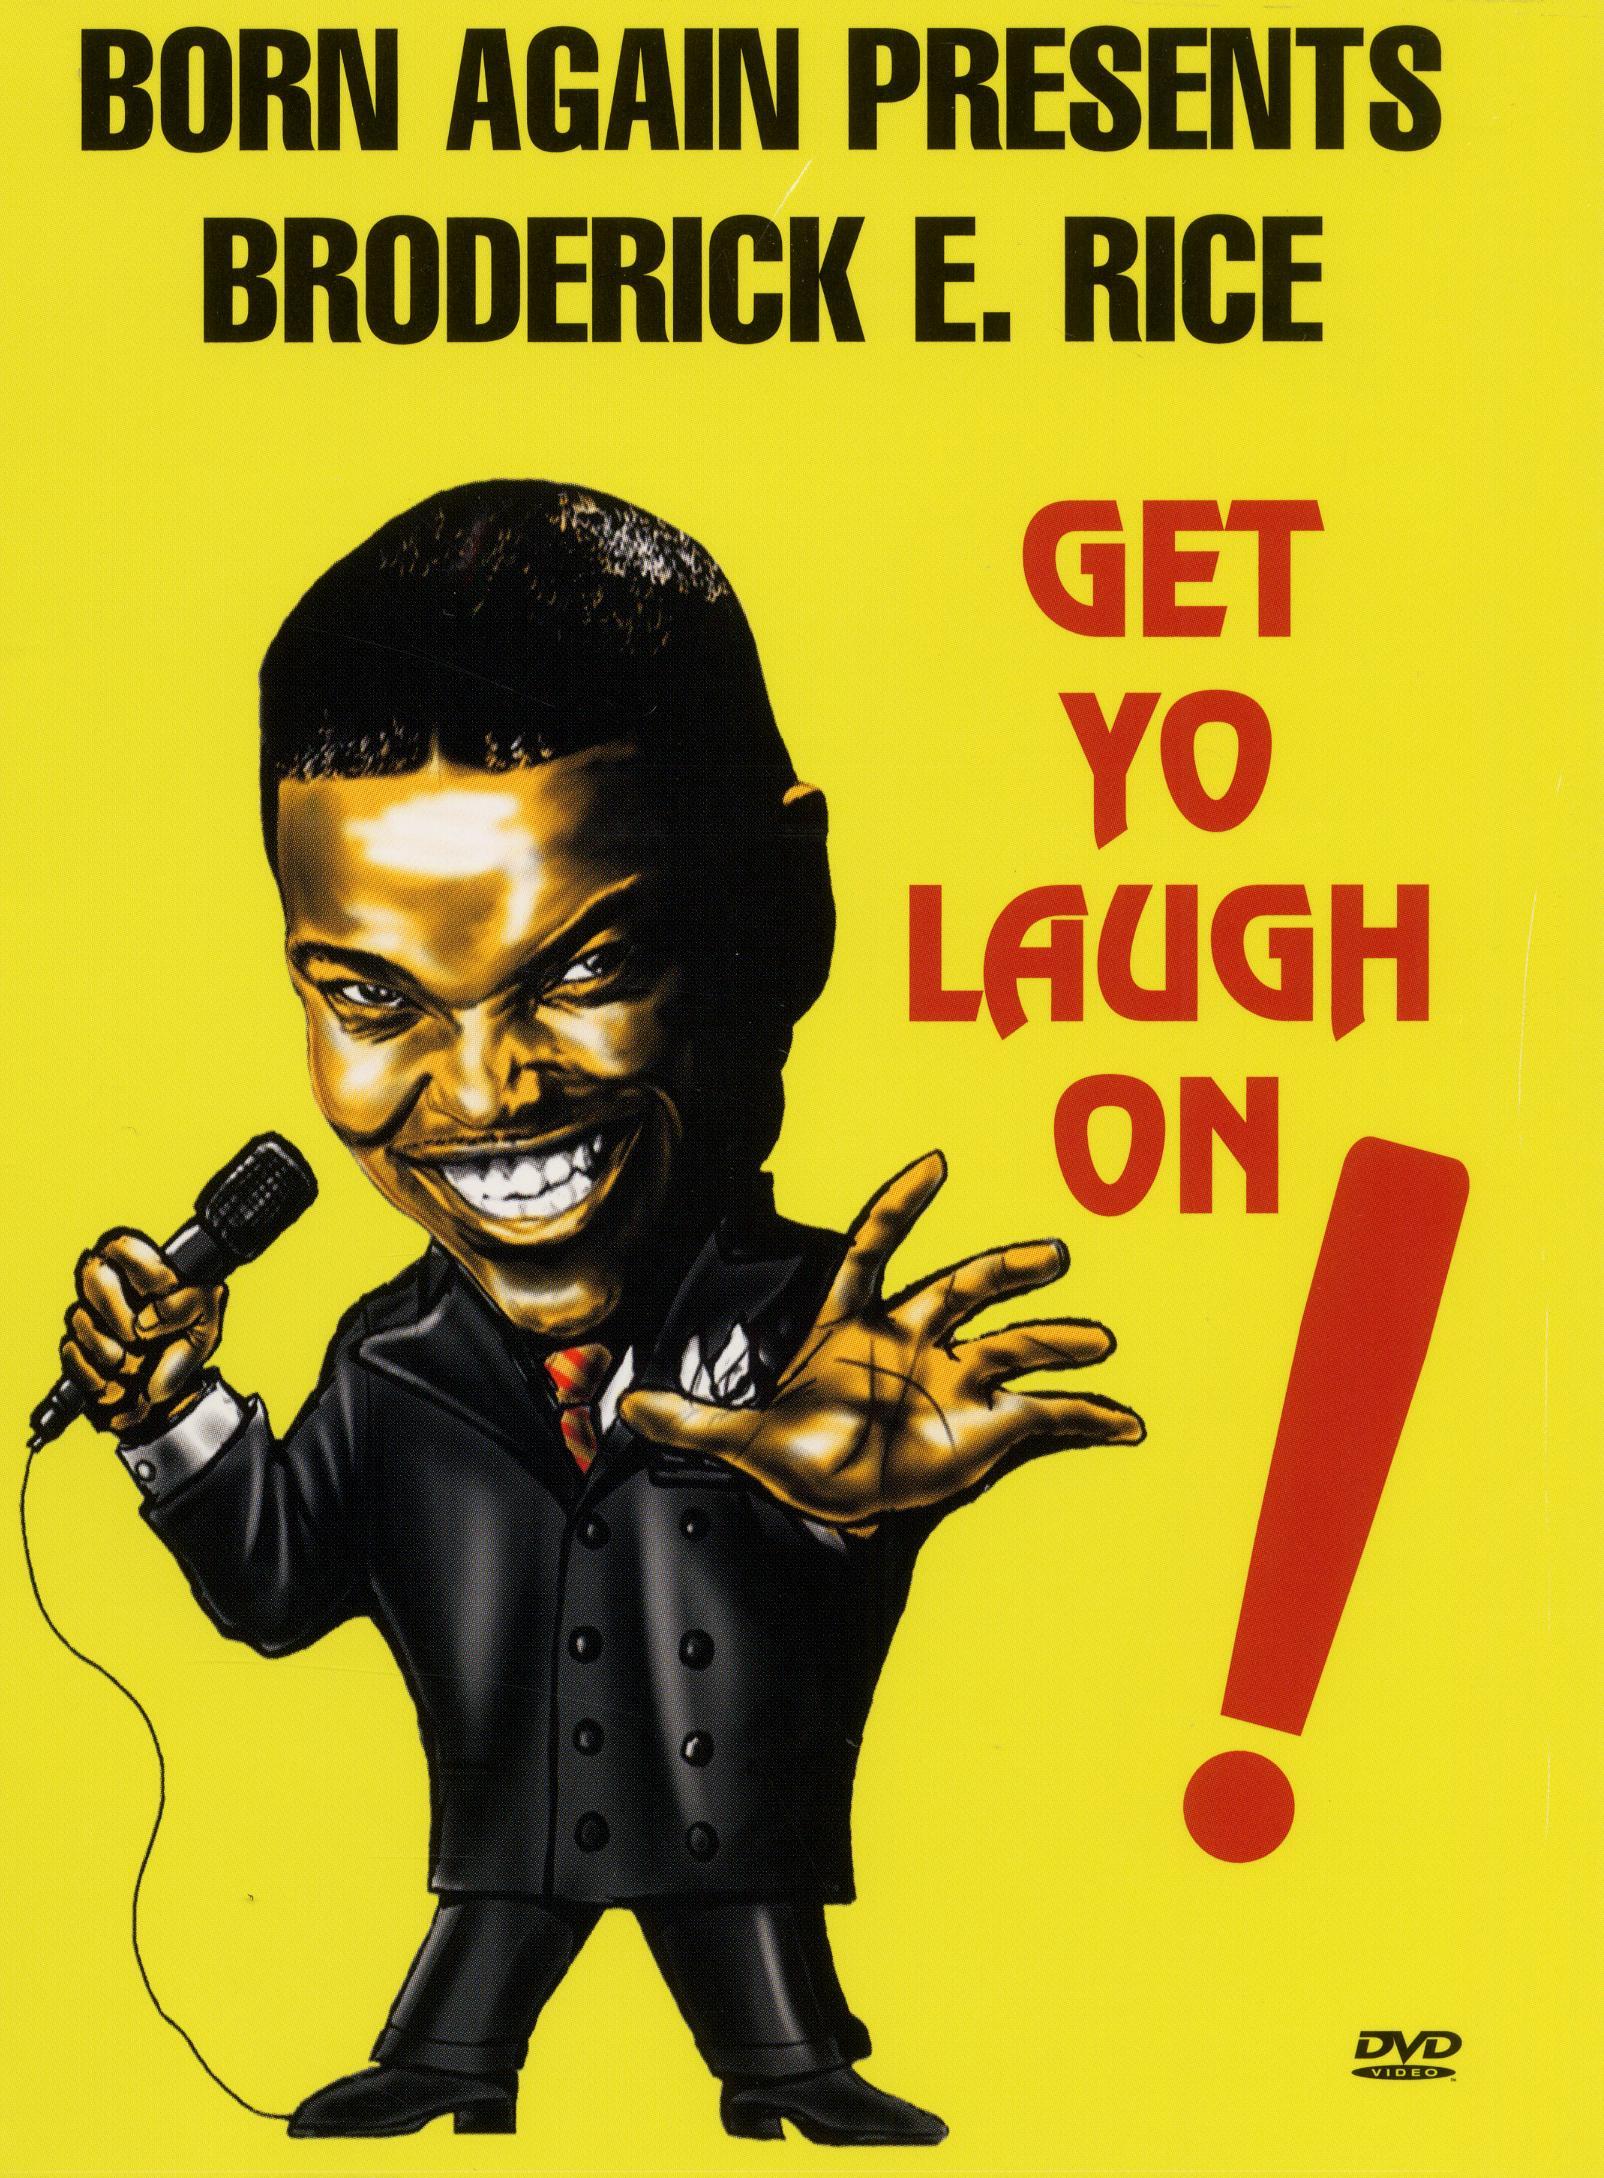 Boderick E. Rice: Get Yo Laugh On